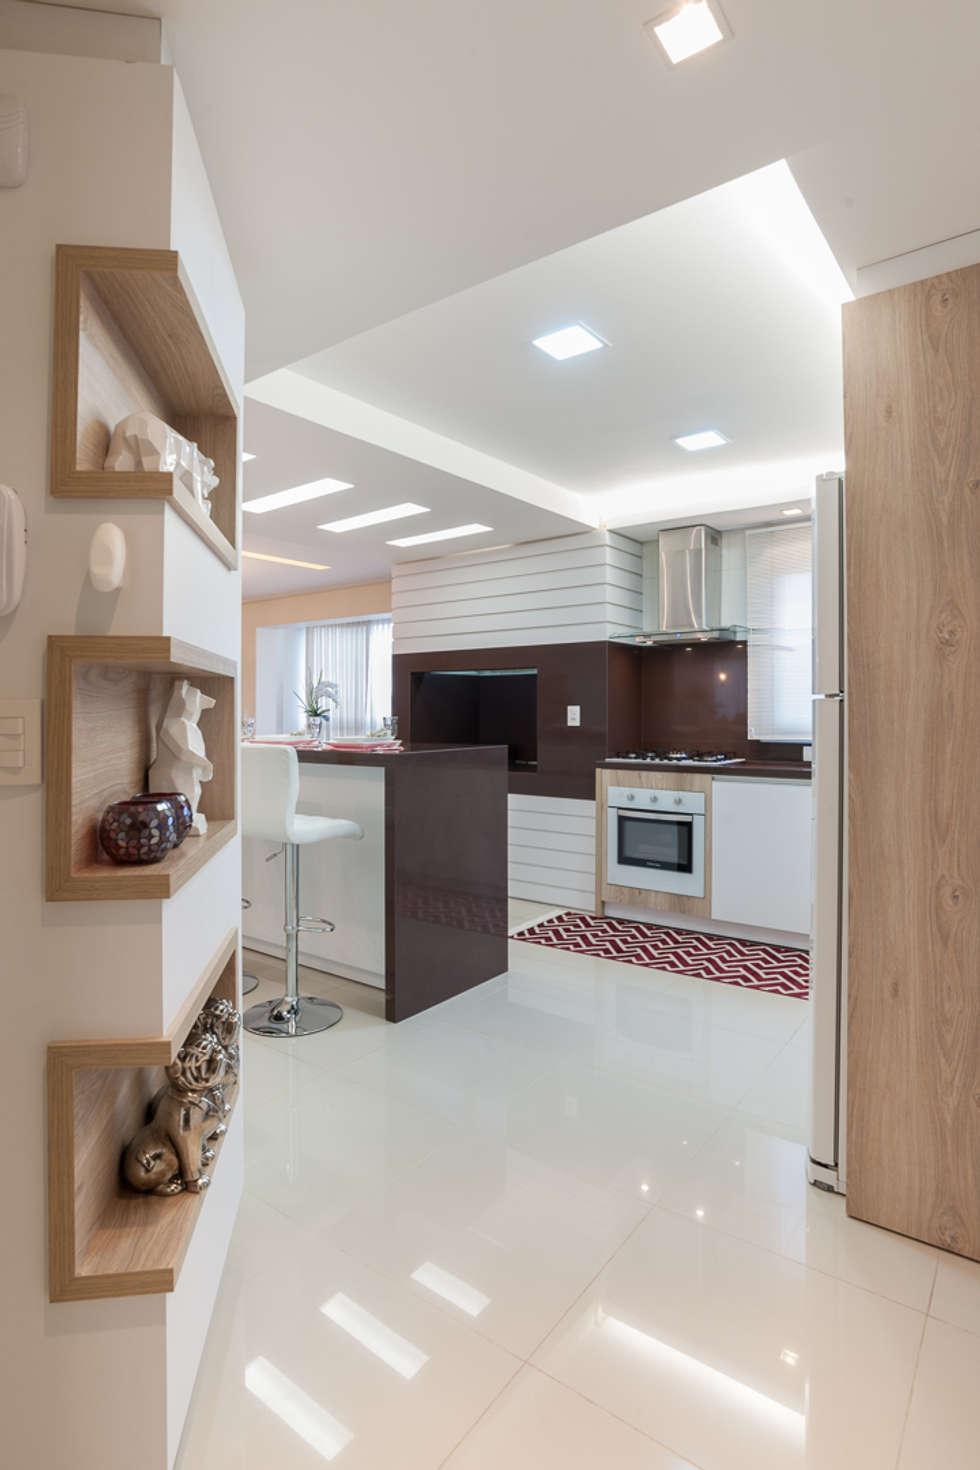 Cozinha Cores S Brias Por Roberta Fanton Arquitetura Integrada Homify